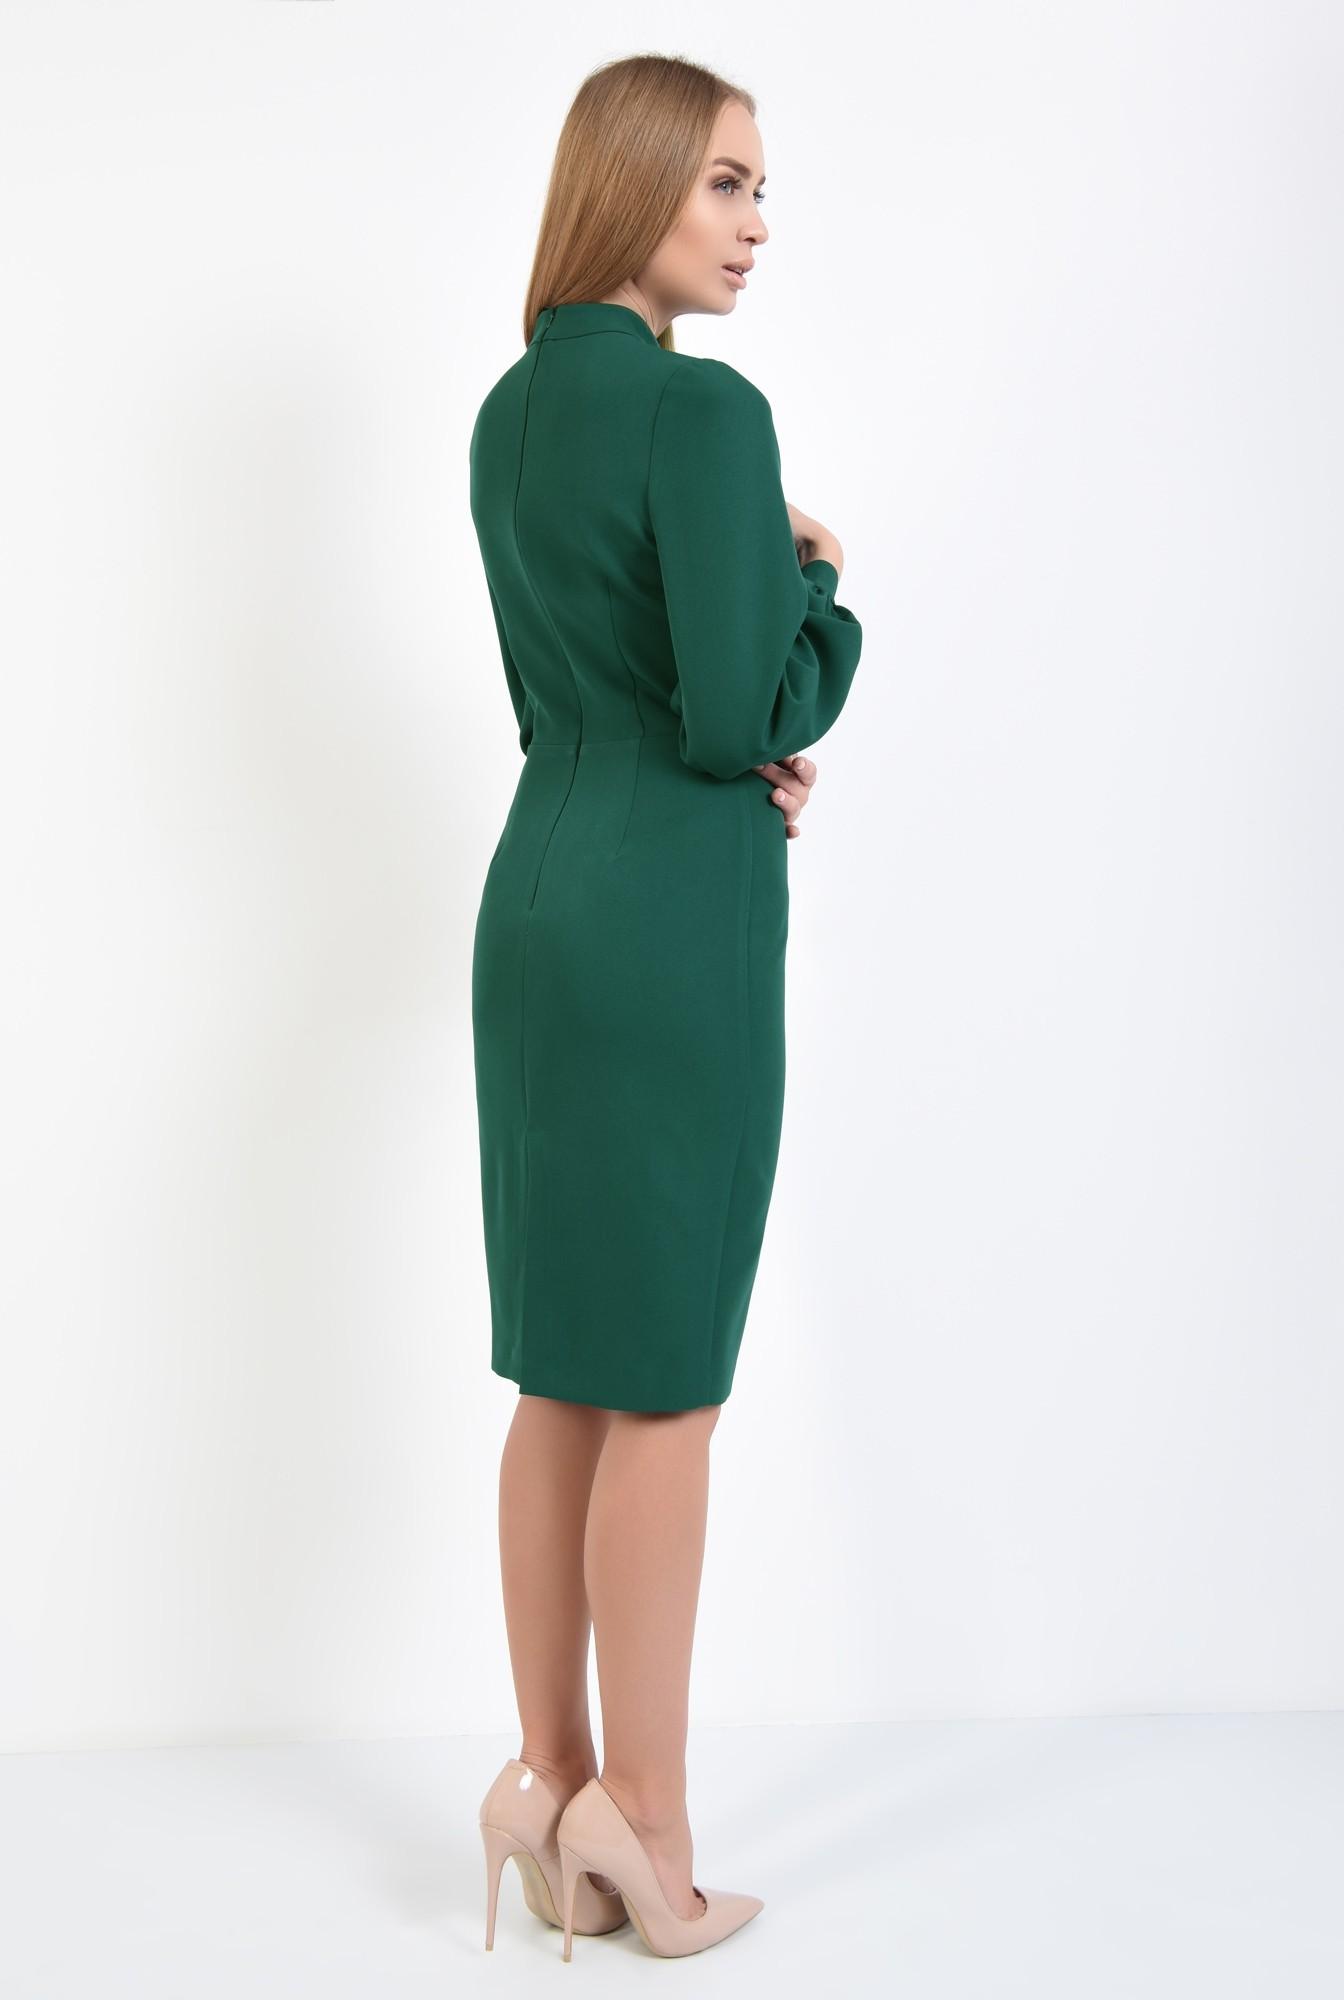 1 - rochie verde, de zi, croi conic, cusatura in talie, guler inalt